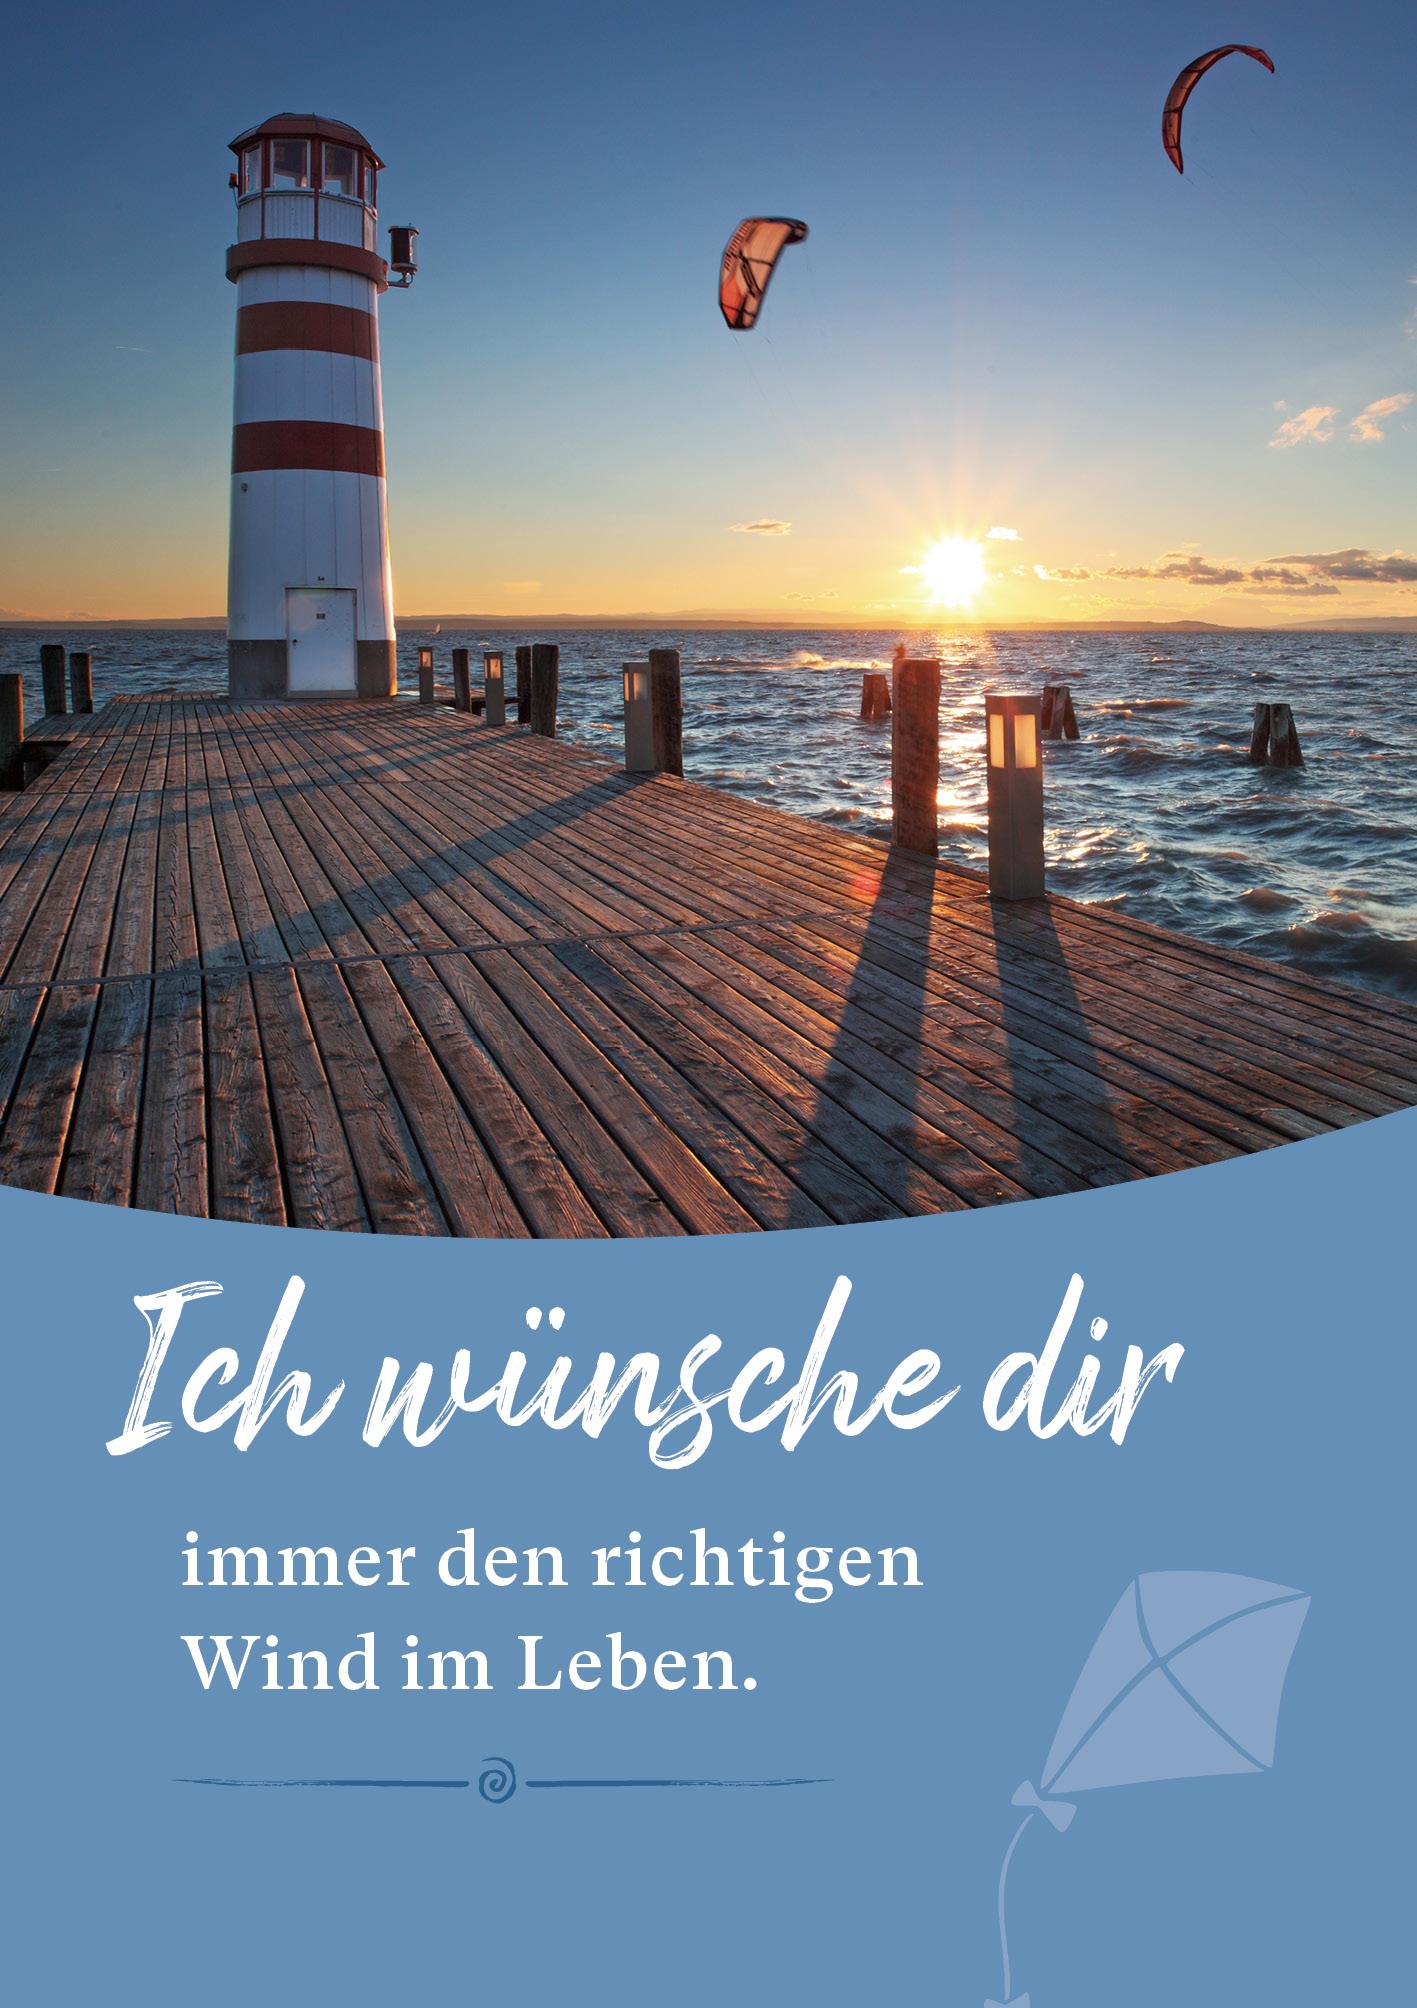 Kunst-Postkarte - Den richtigen Wind im Leben